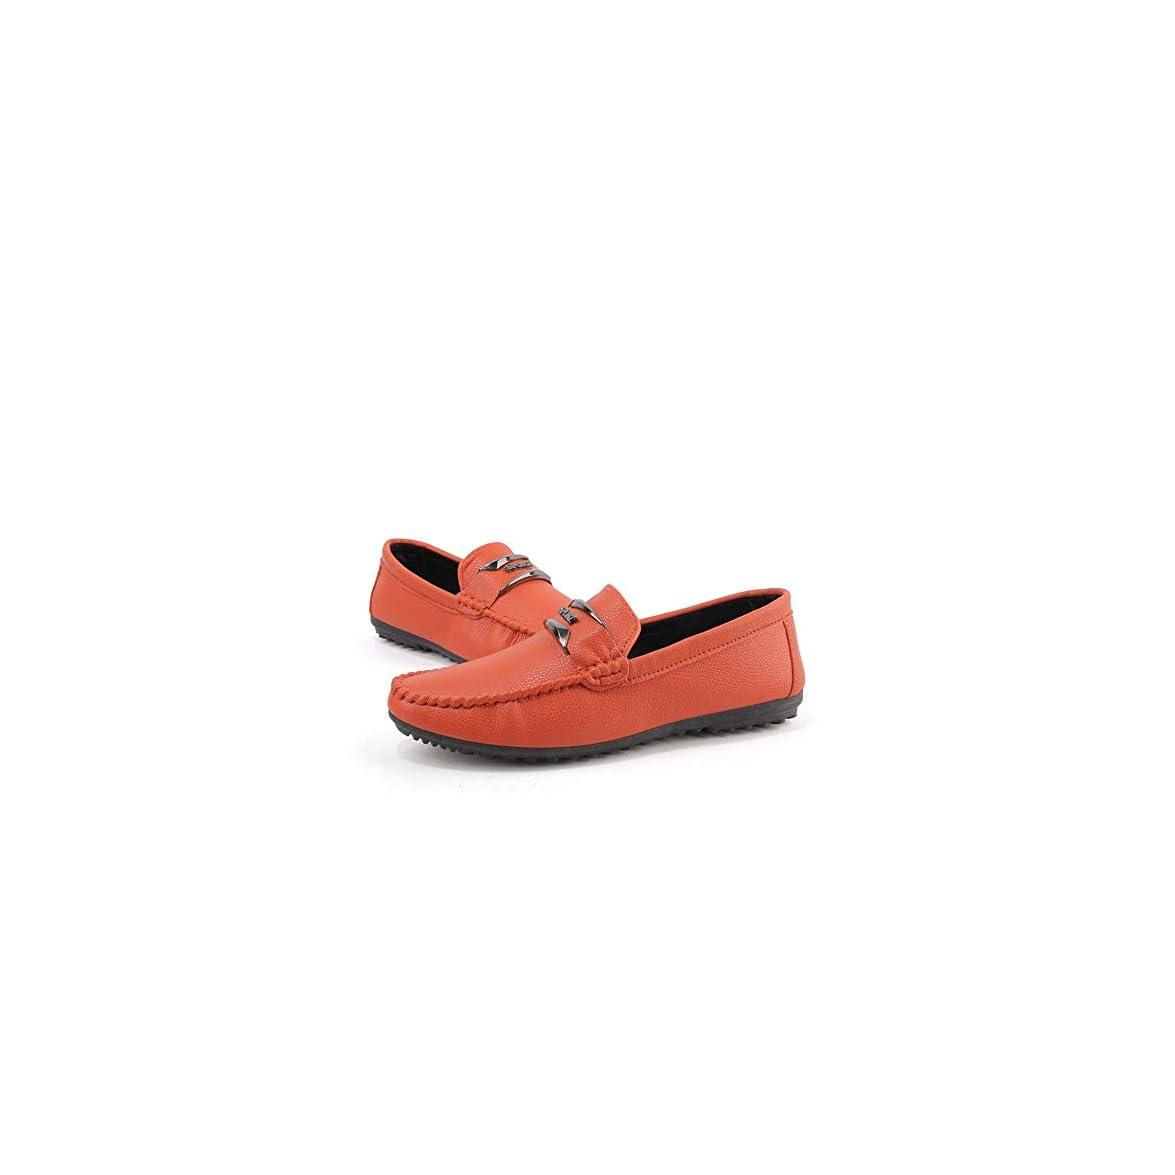 Yjiaju Mocassino Da Guida Uomo Casual Morbida Suola In Pelle Traspirante Per Il Tempo Libero Barca color Orange Dimensione 40 Eu